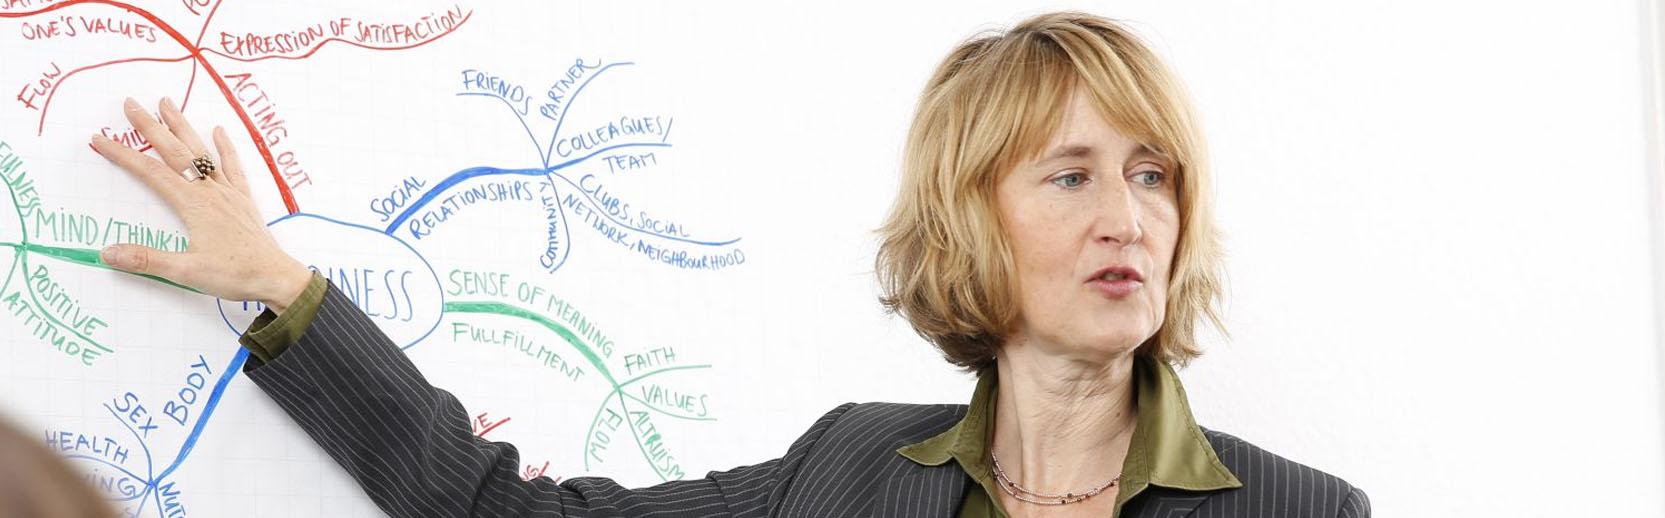 Prof.Ute Rademacher, About me, COLIBRI Research